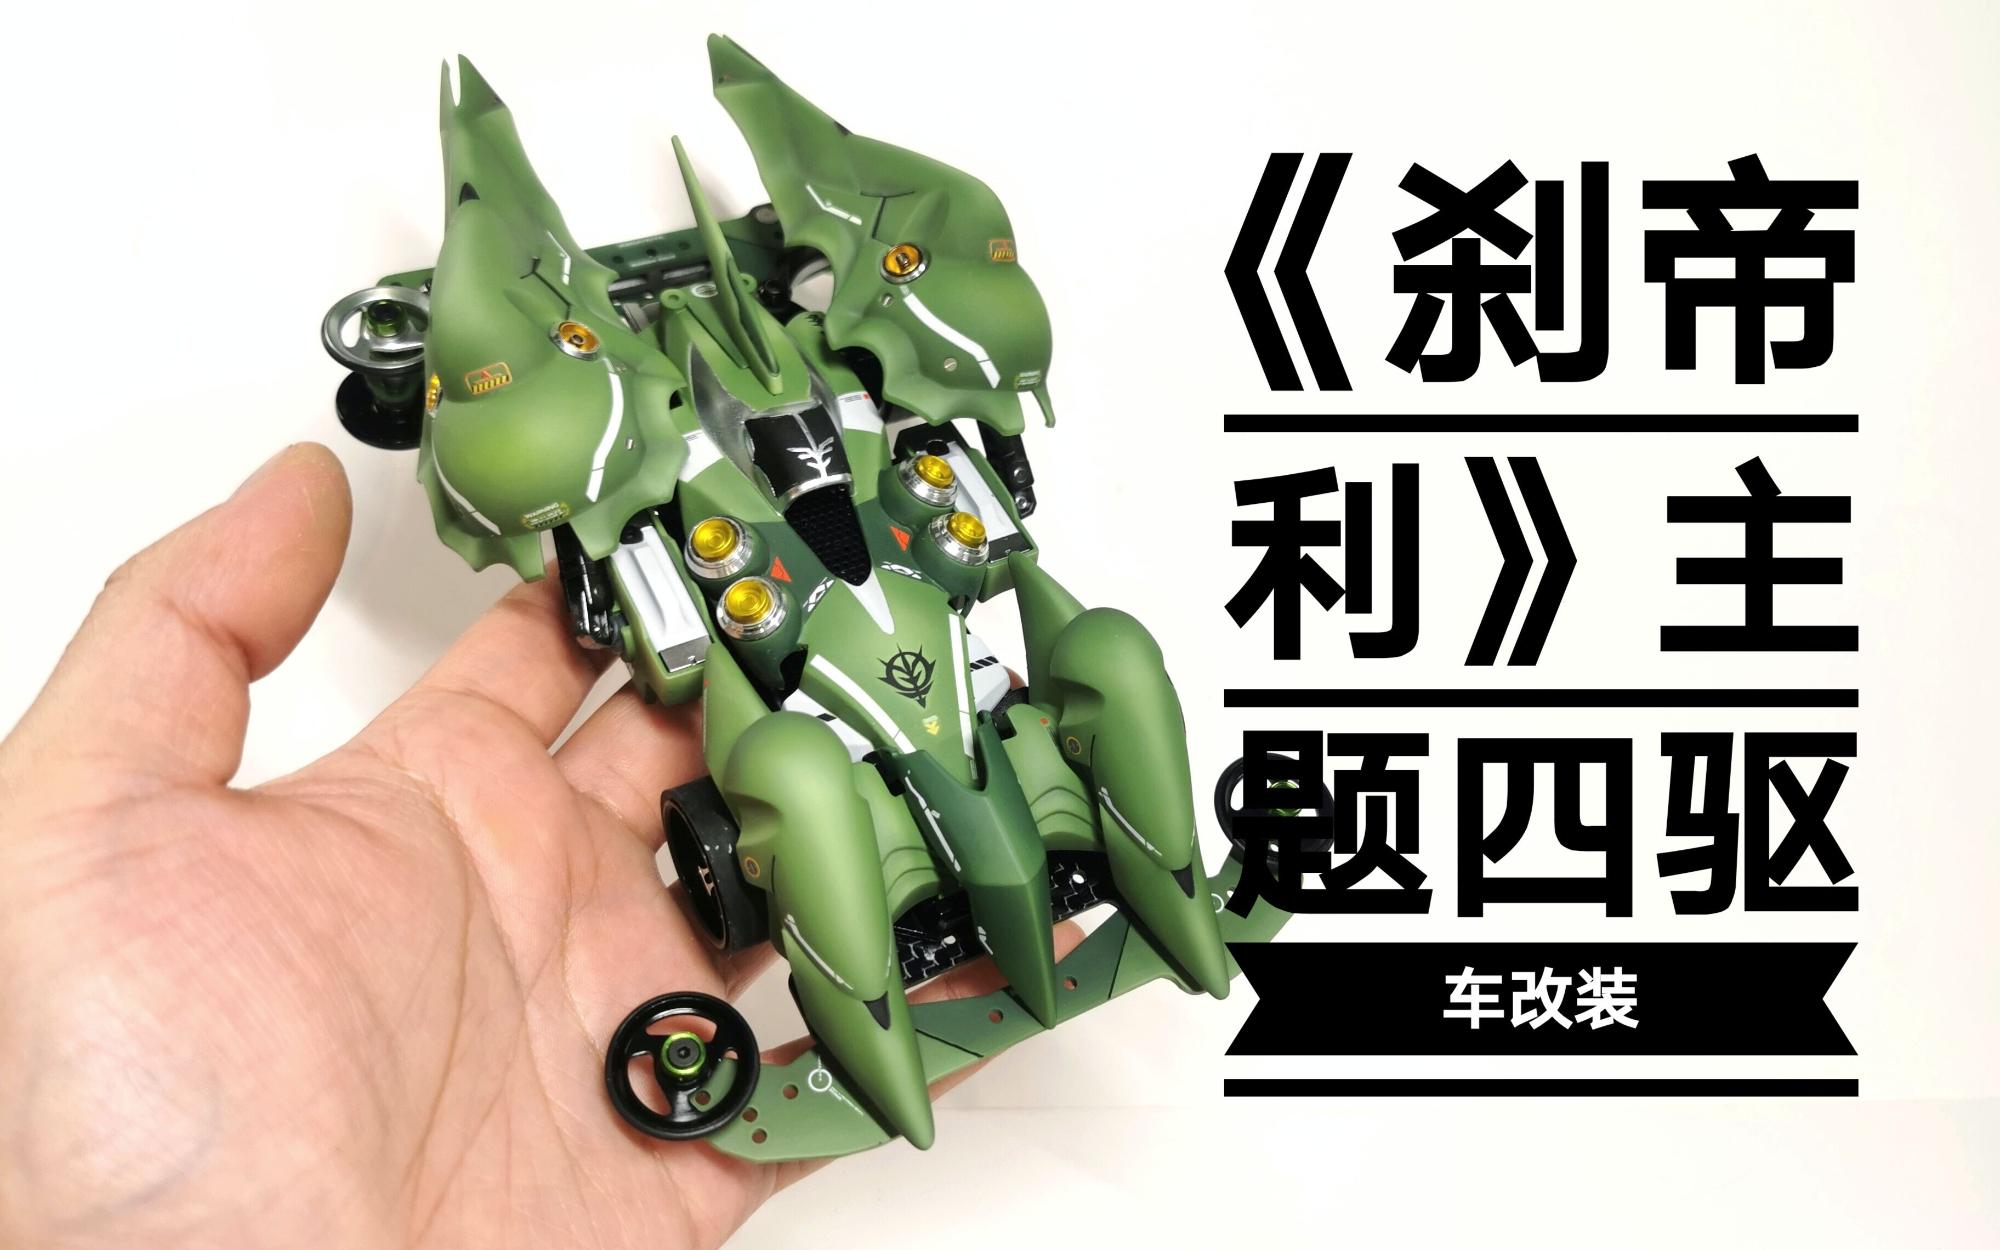 刹帝利(大青椒))主题四驱车改装作品